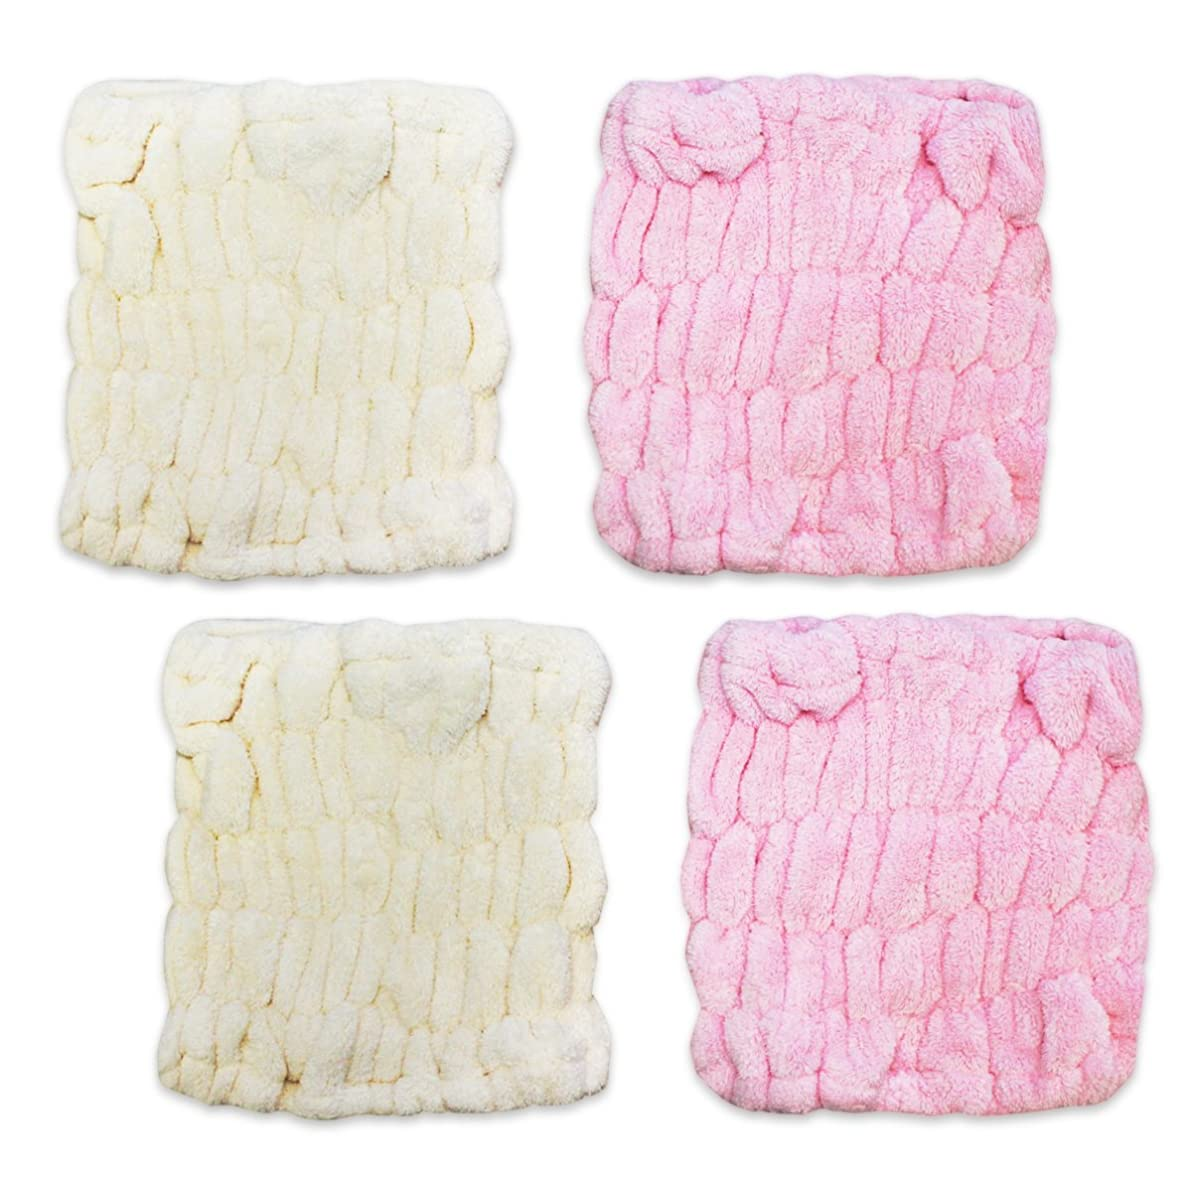 深さドラッグドラッグふんわり 柔らか マイクロ ファイバー 吸水 ヘアターバン 2色 4枚組(ピンク&アイボリー)